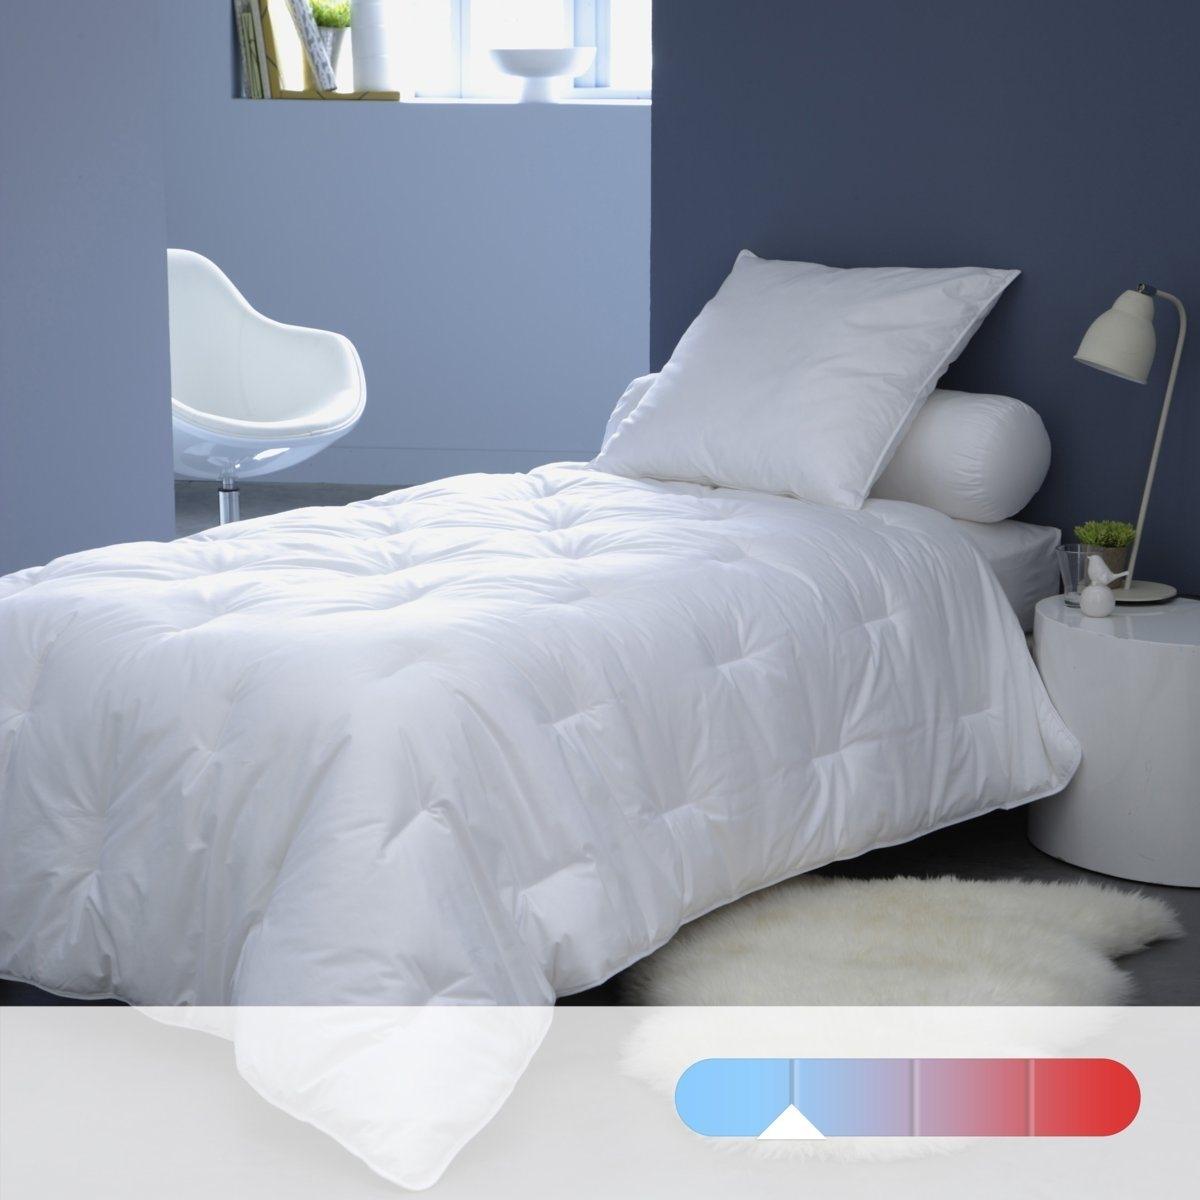 цена Синтетическое La Redoute Одеяло гм Quallofil Allerban 240 x 220 см белый онлайн в 2017 году